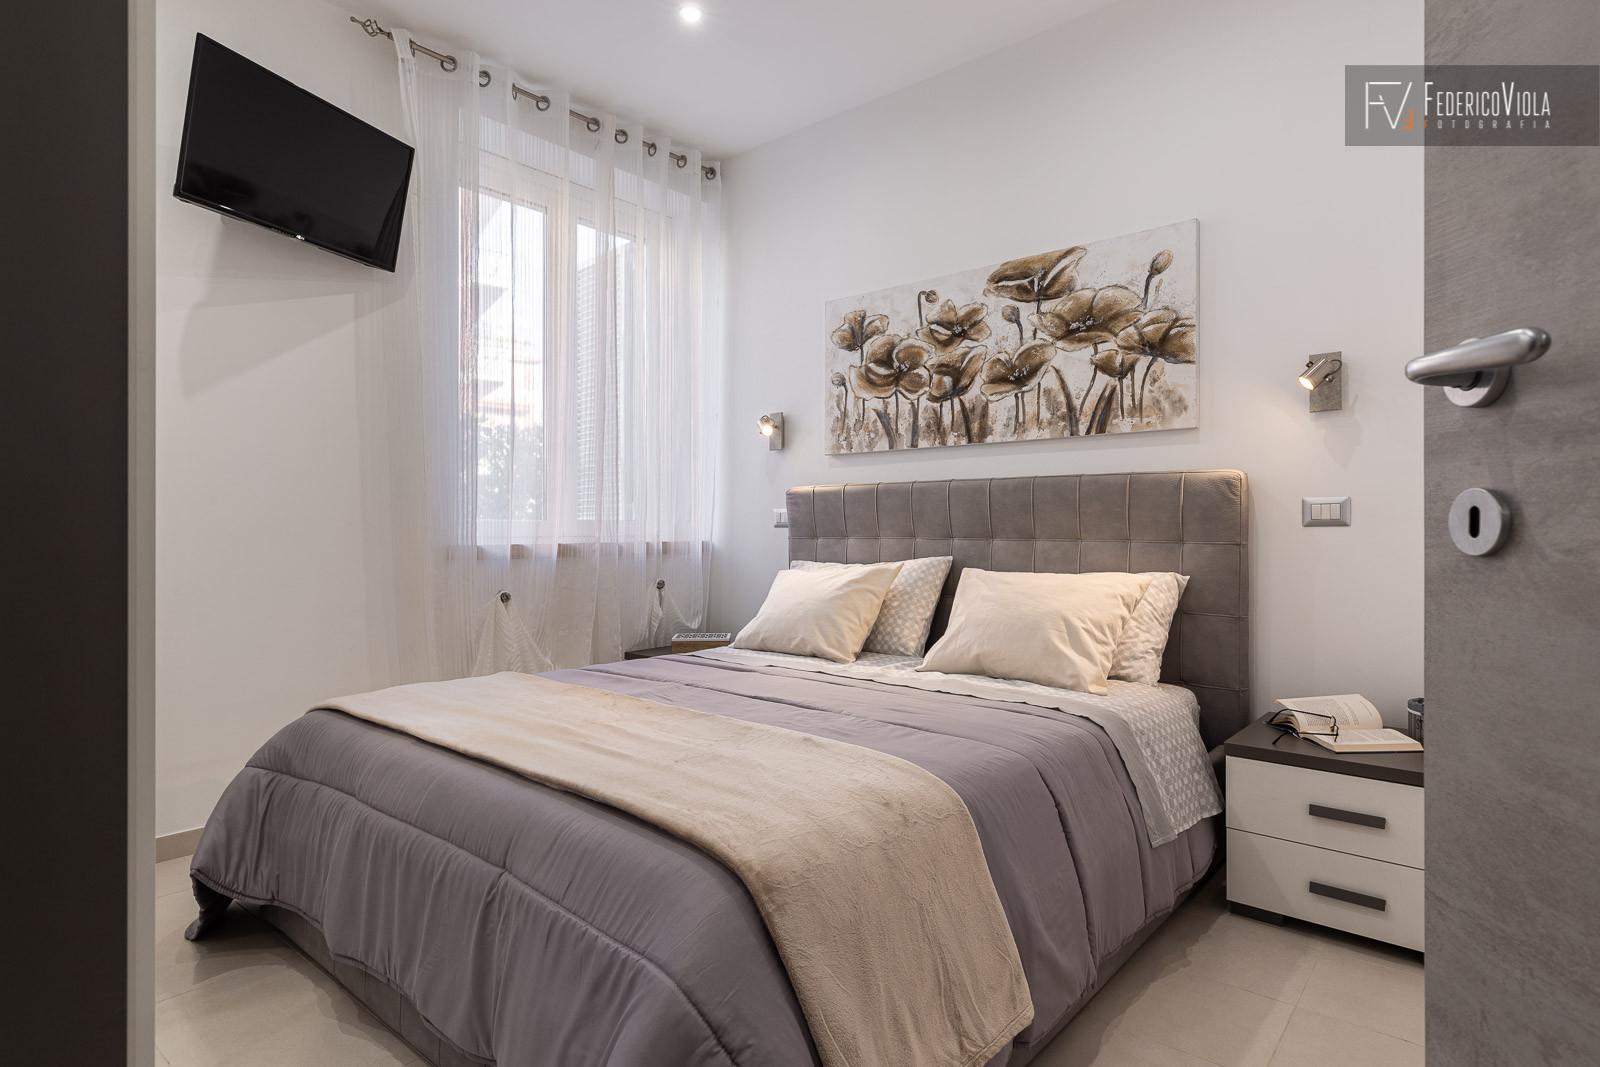 Foto-appartamento-mv-in-affitto-Gaeta-17